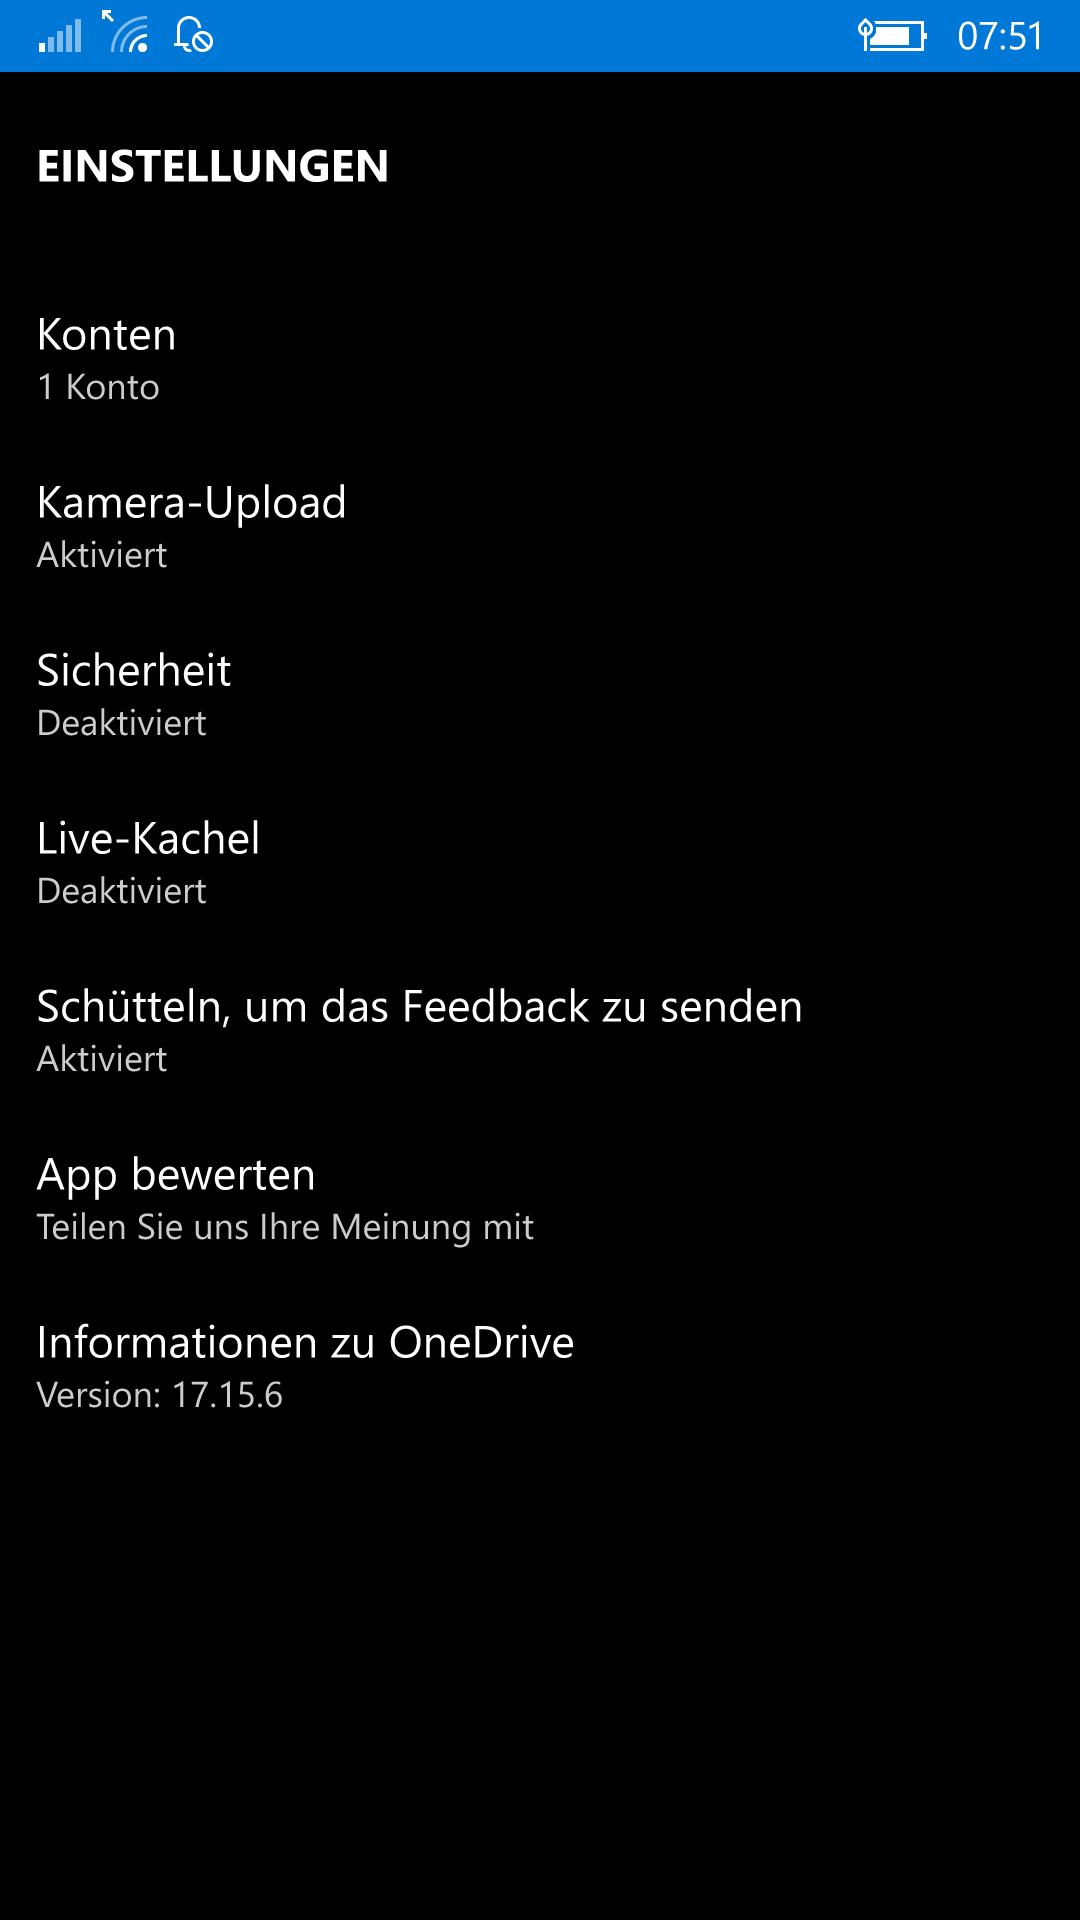 Lumia 950 Fotos werden nicht auf OneDrive snychronisert